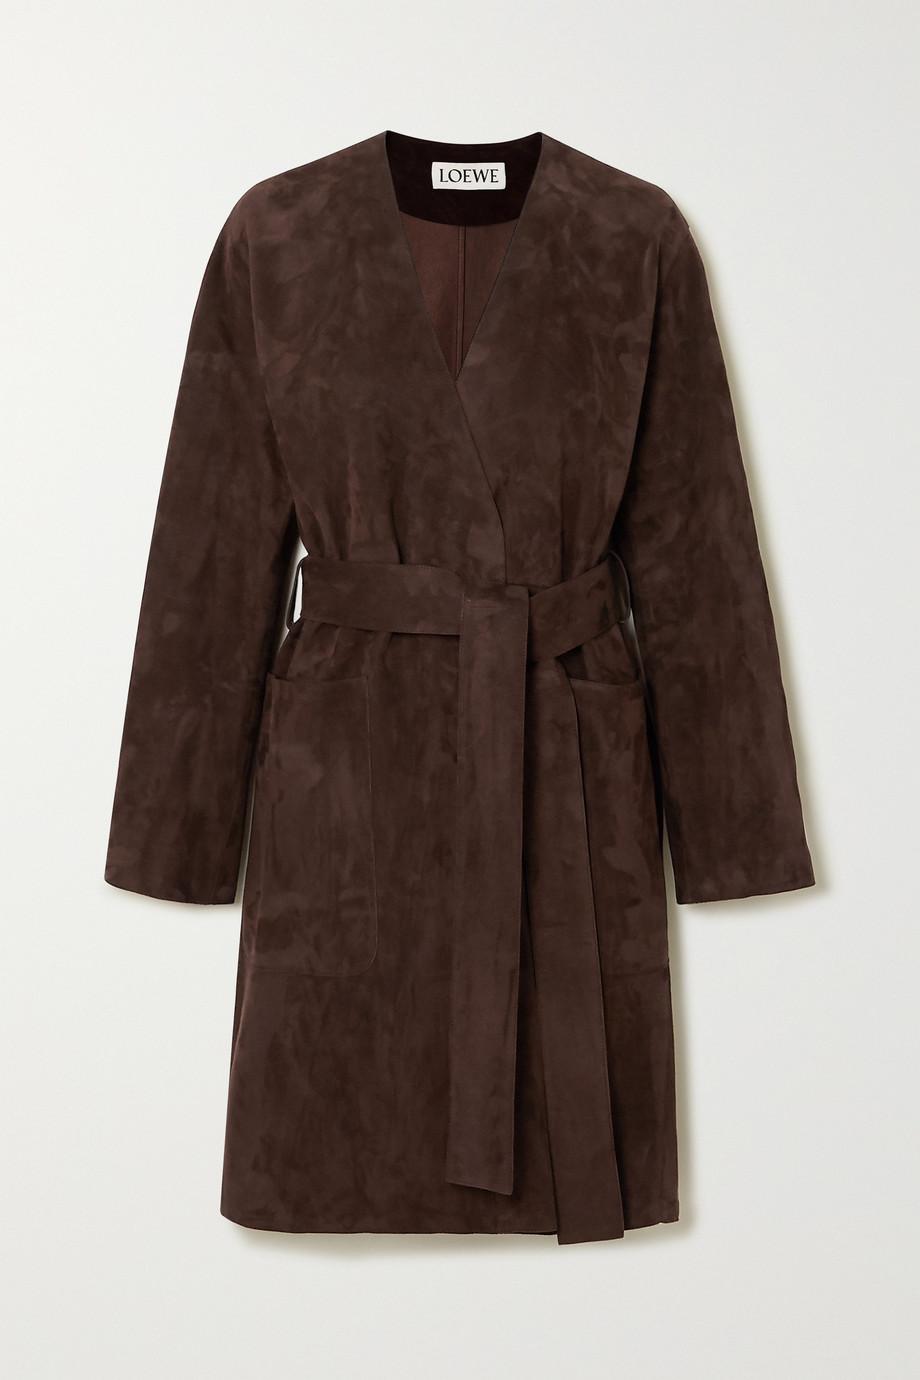 Loewe Manteau en daim à ceinture